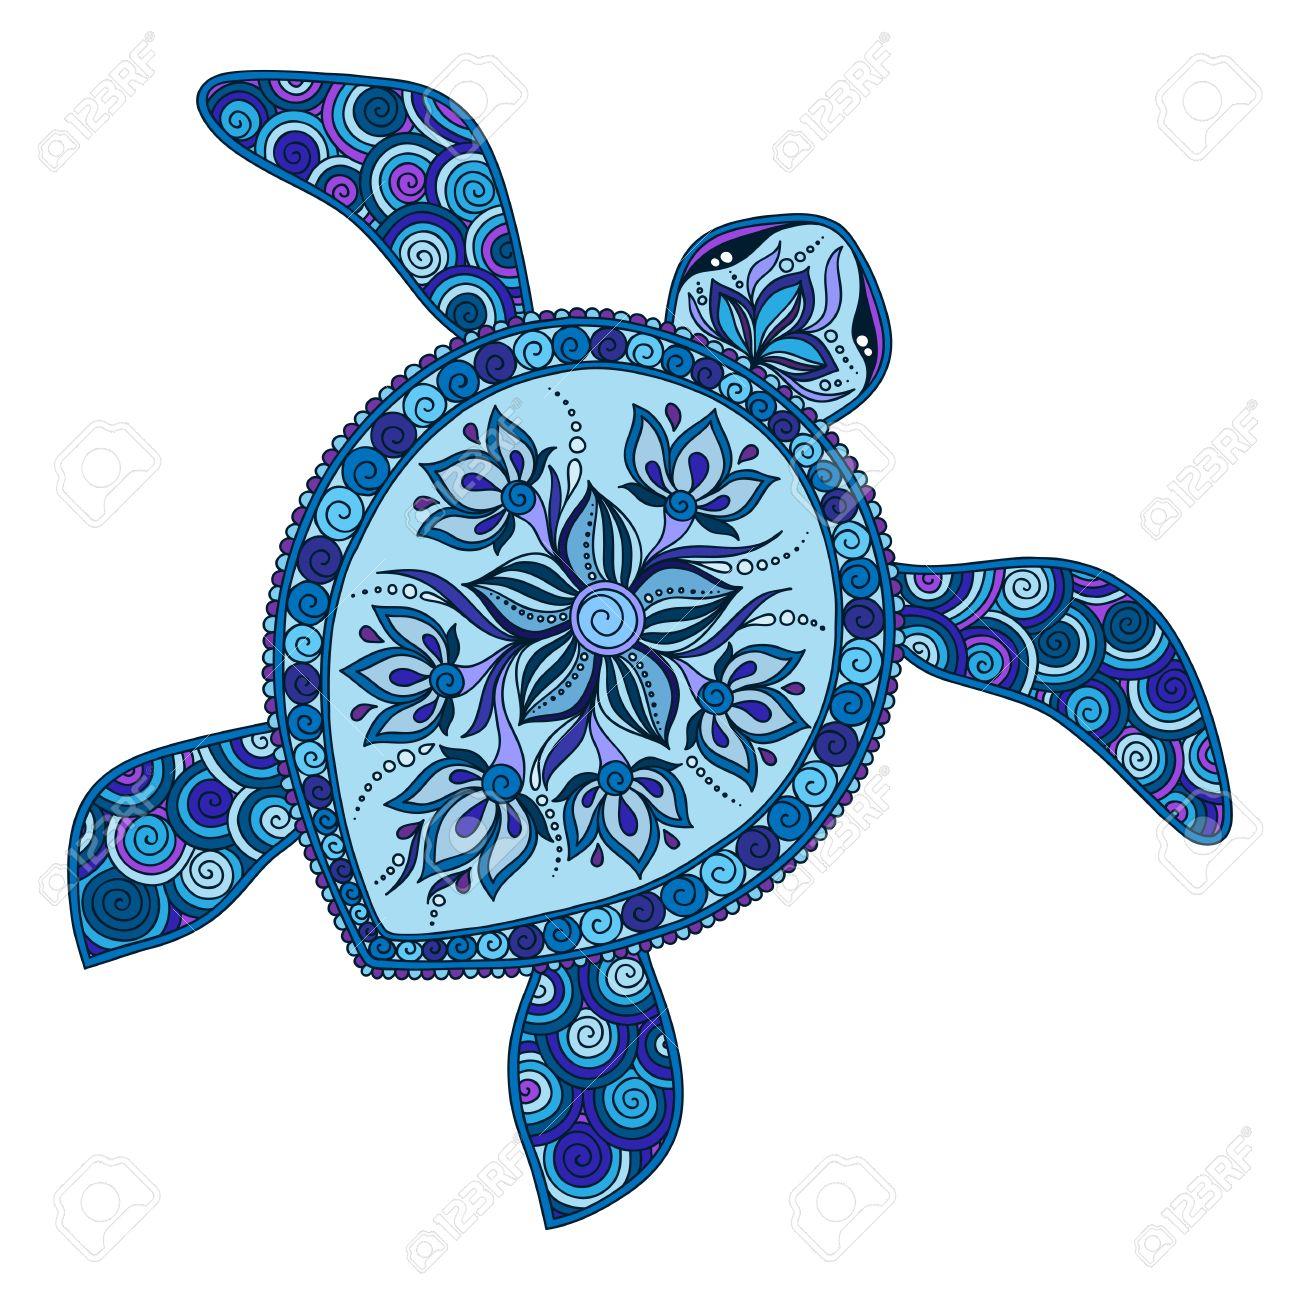 Decoratieve Grafische Schildpad Tattoo Stijl Tribale Totem Dier Vector Illustratie Geïsoleerde Elementen Kant Patroon Indian Mehendi Stijl